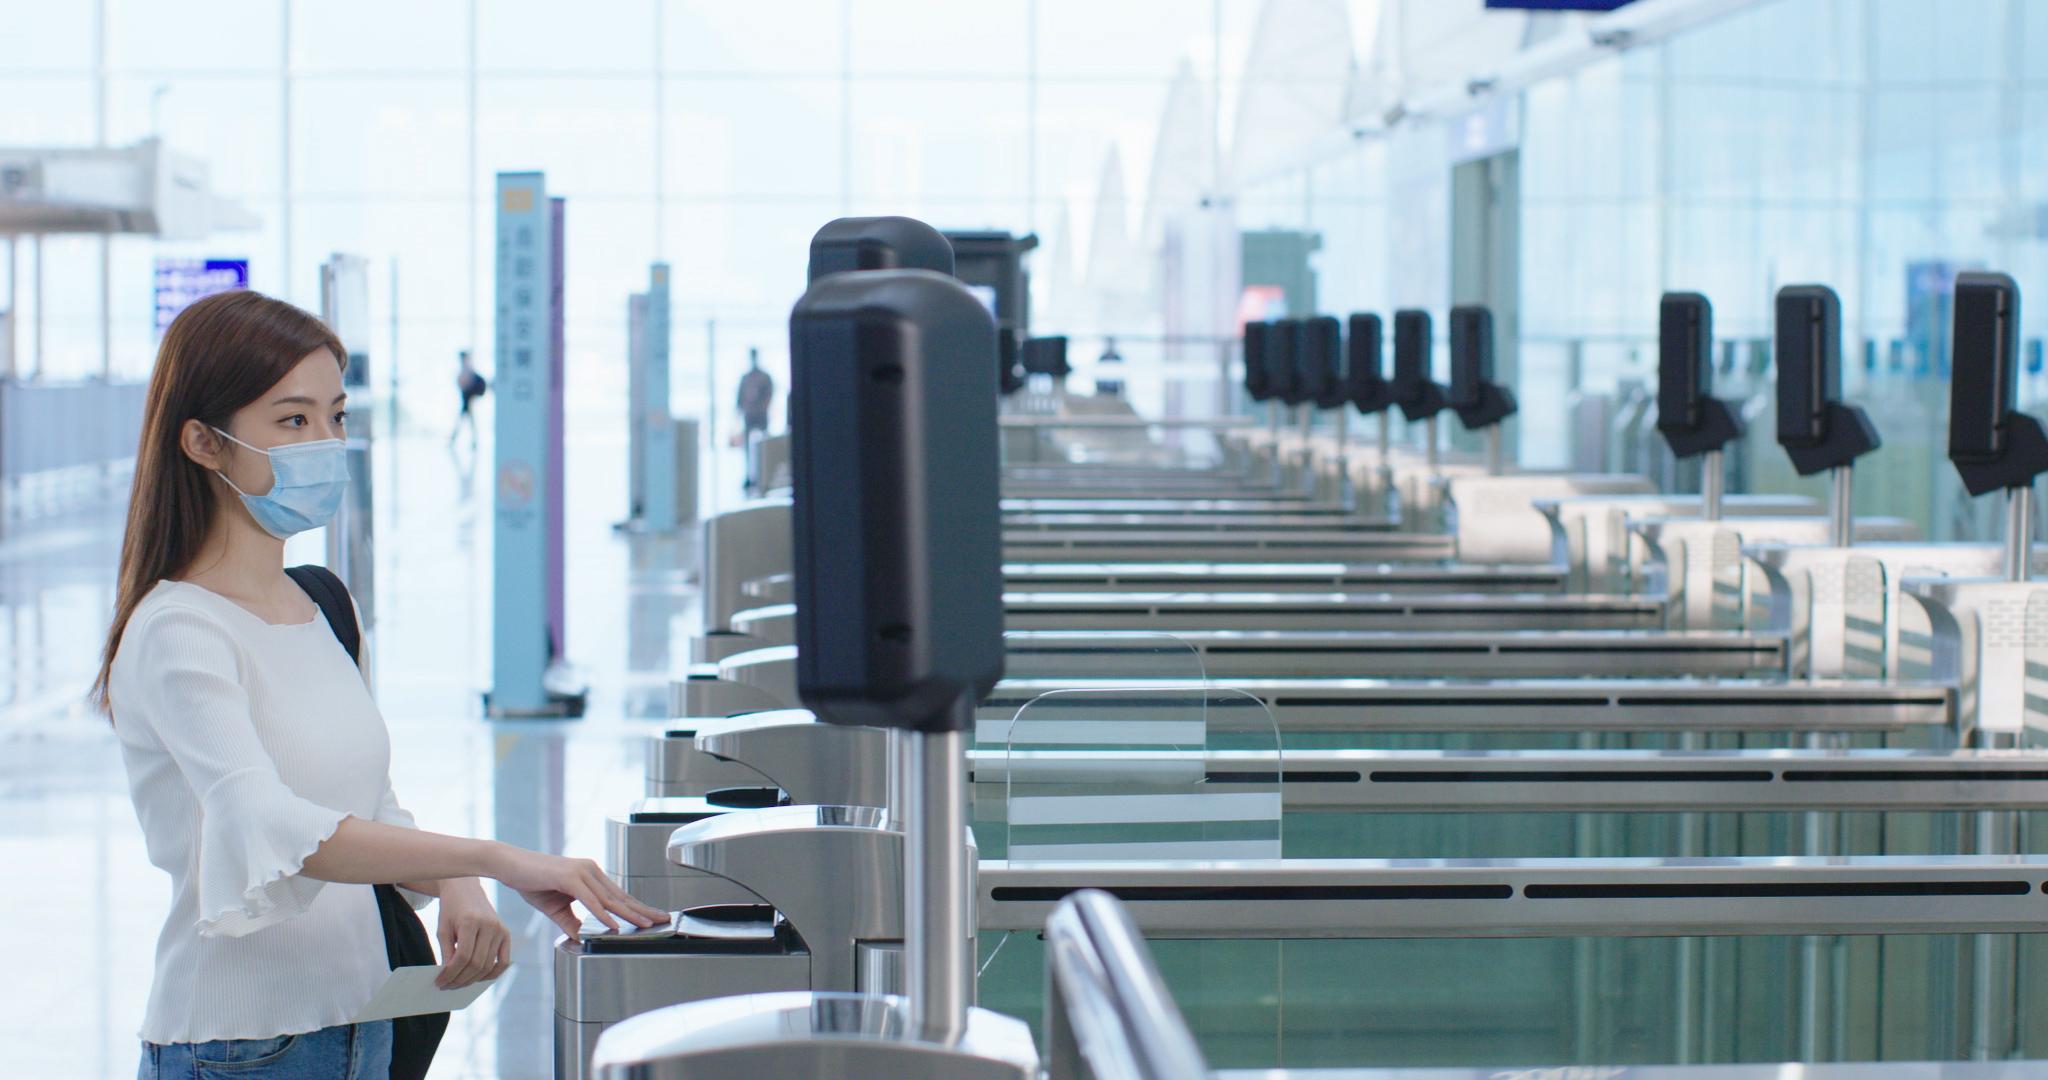 首批自助登機閘口設於一號客運大樓10號至36號登機閘口,而其他登機閘口亦會分階段裝設。(機管局圖片)